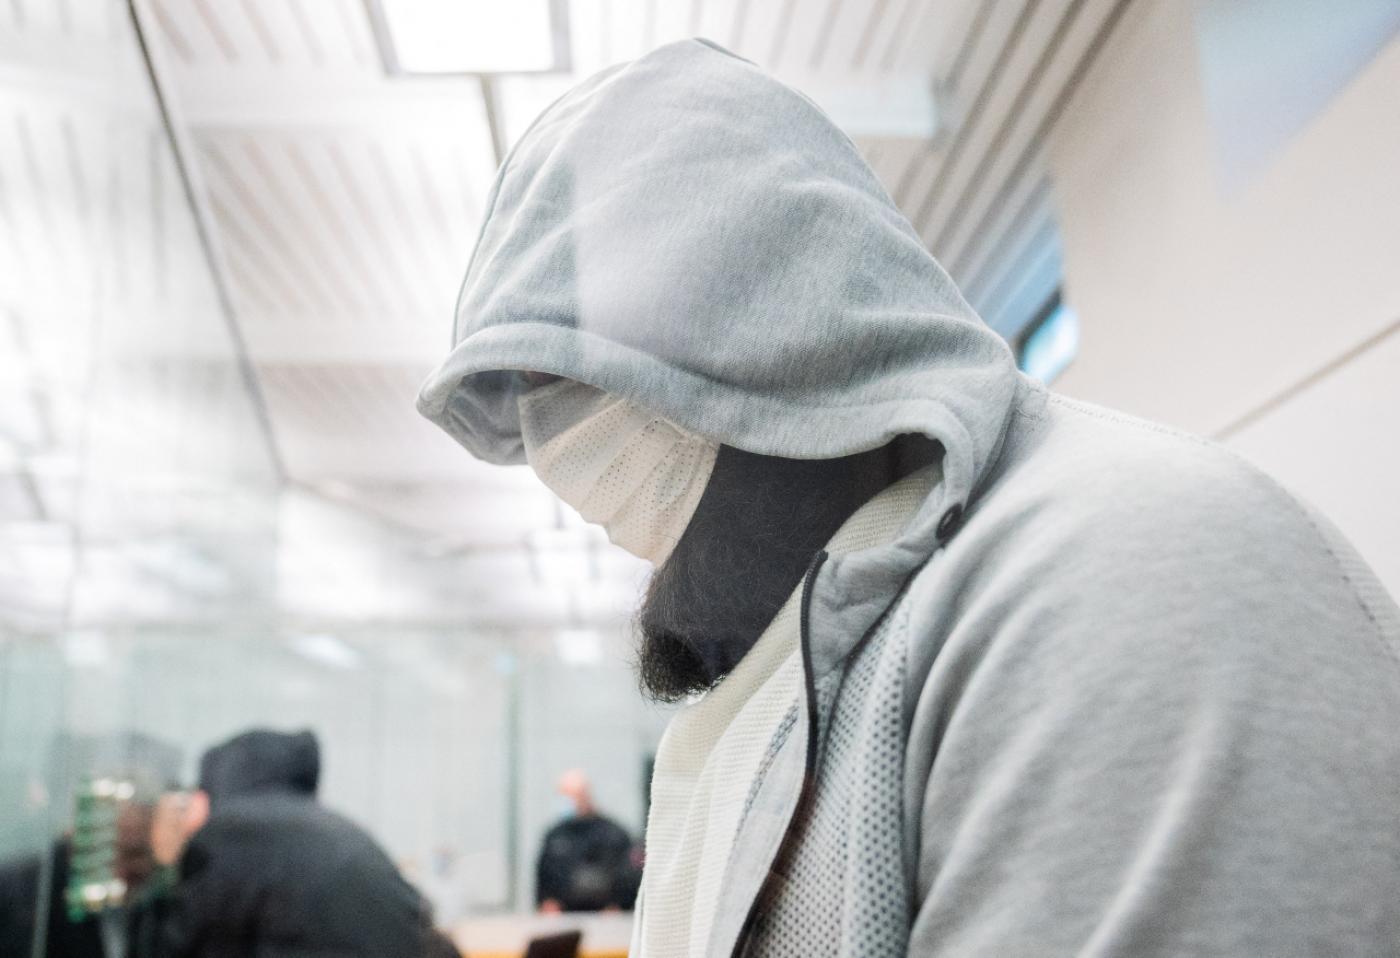 Суд Германии приговорил проповедника за вербовку в ИГ*